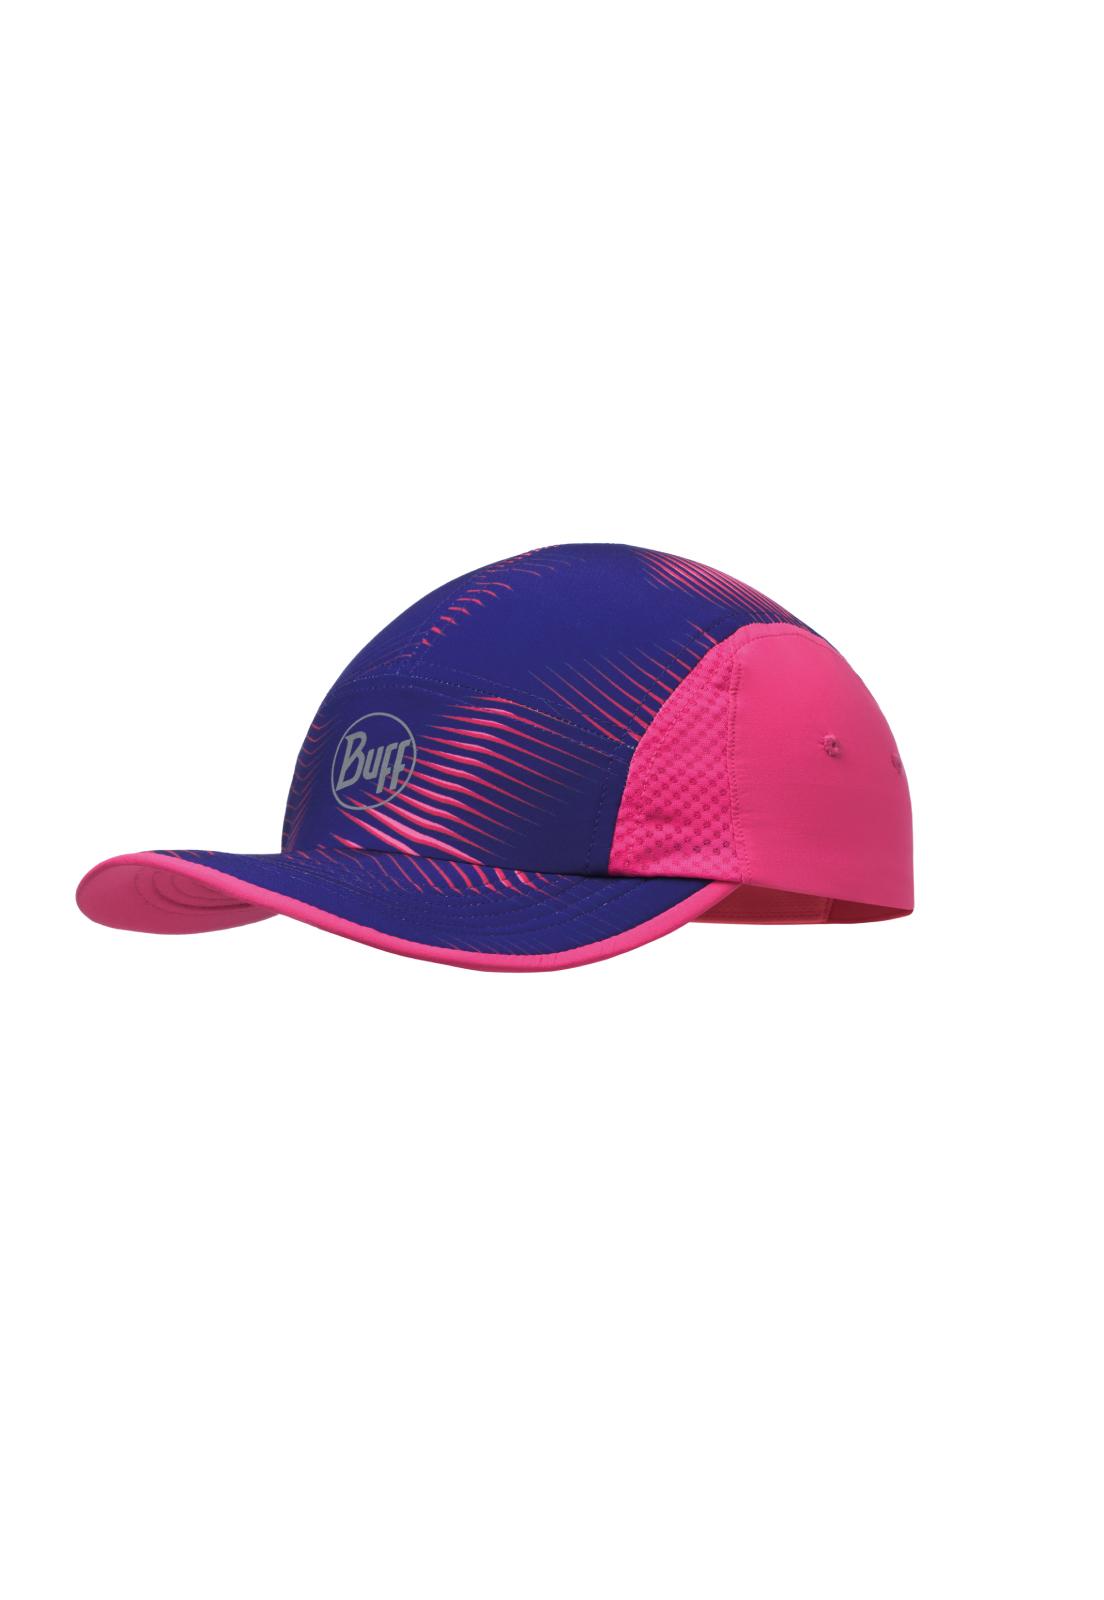 Run Cap Optical Pink